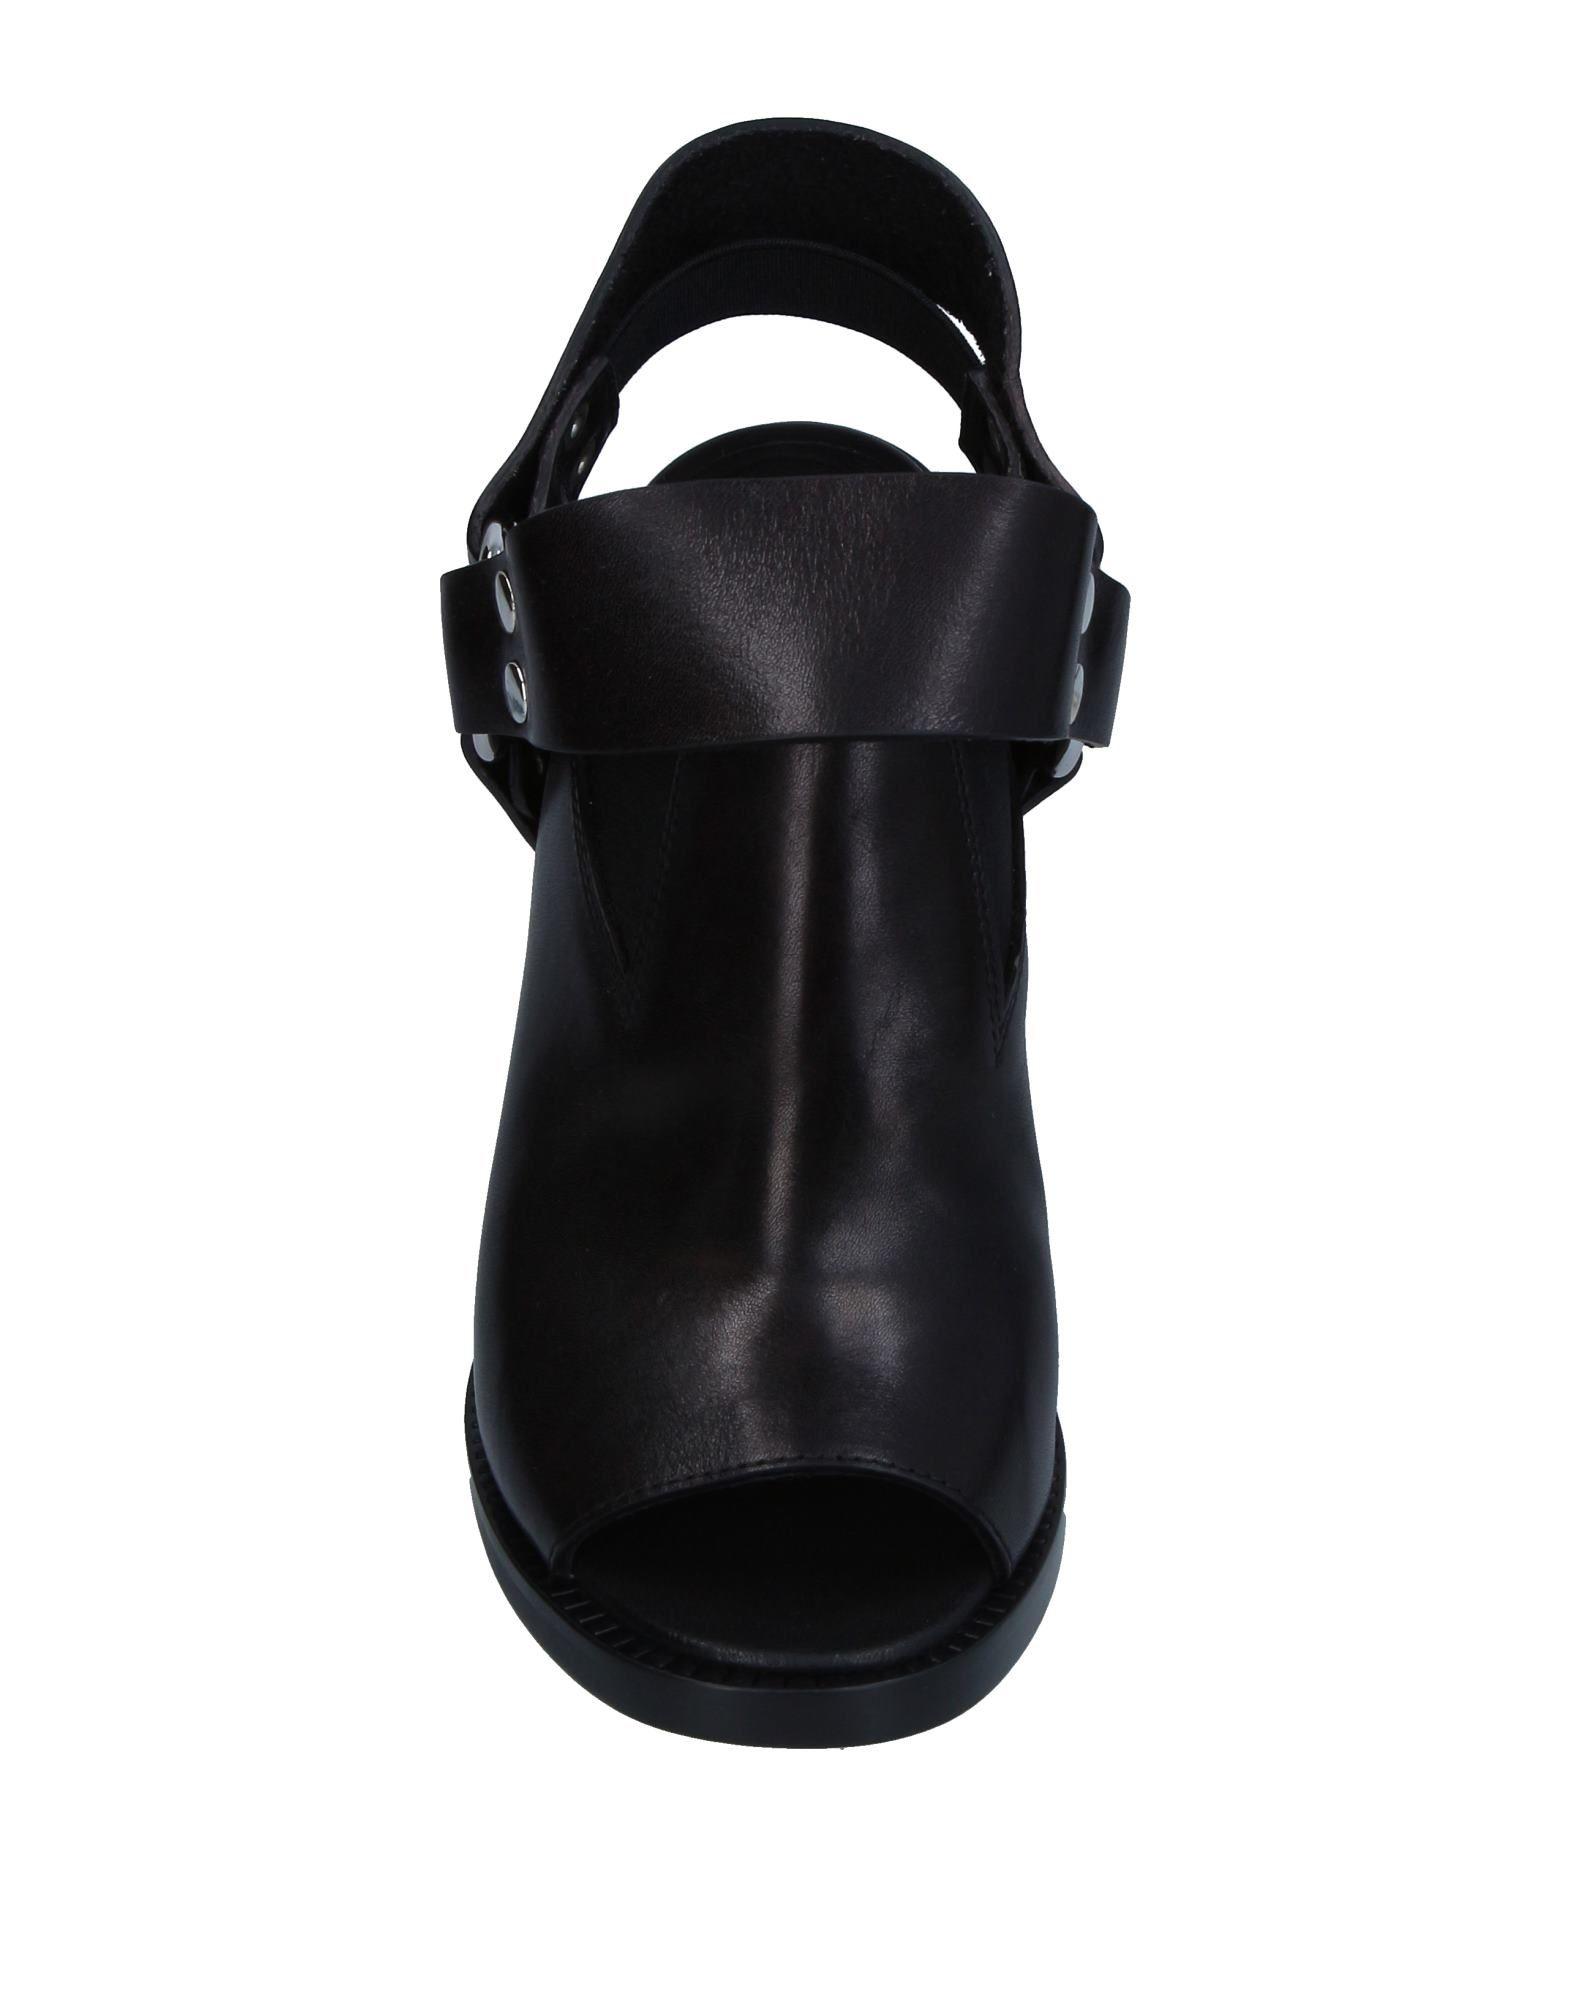 Mm6 Maison Margiela Sandalen Damen Schuhe  11341724UT Neue Schuhe Damen 7cd552